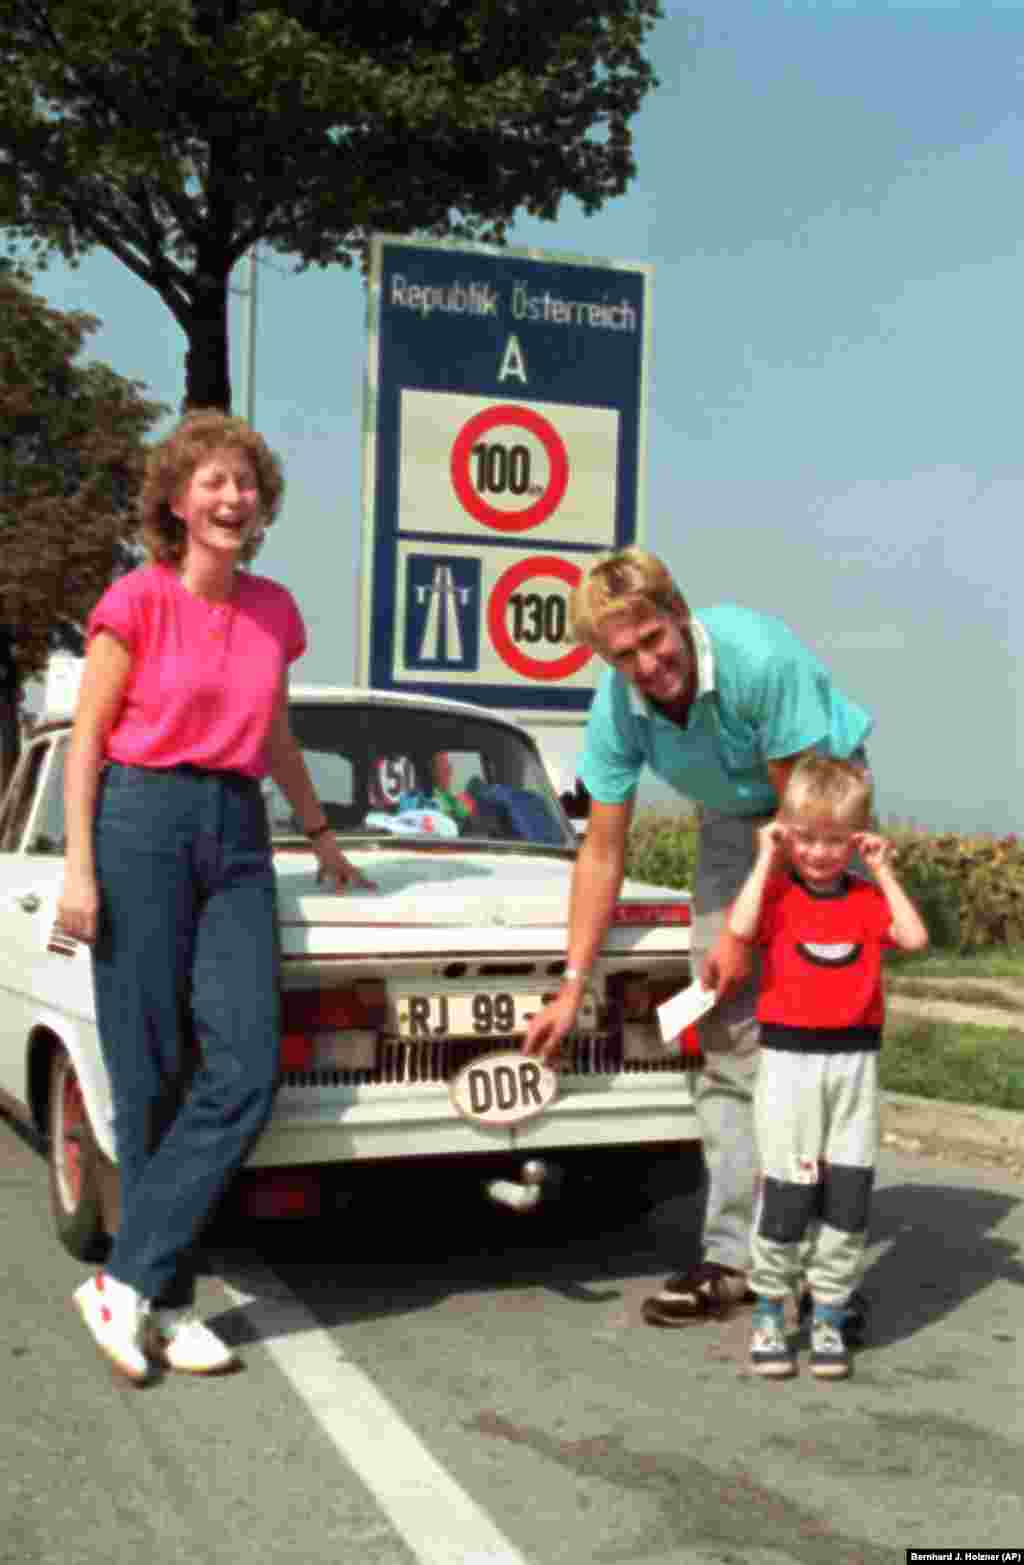 Семья из Восточной Германии снимает номерные знаки коммунистической ГДР после въезда в Австрию. На знаке – DDR (Deutsche Demokratische Republik – Германская Демократическая Республика)